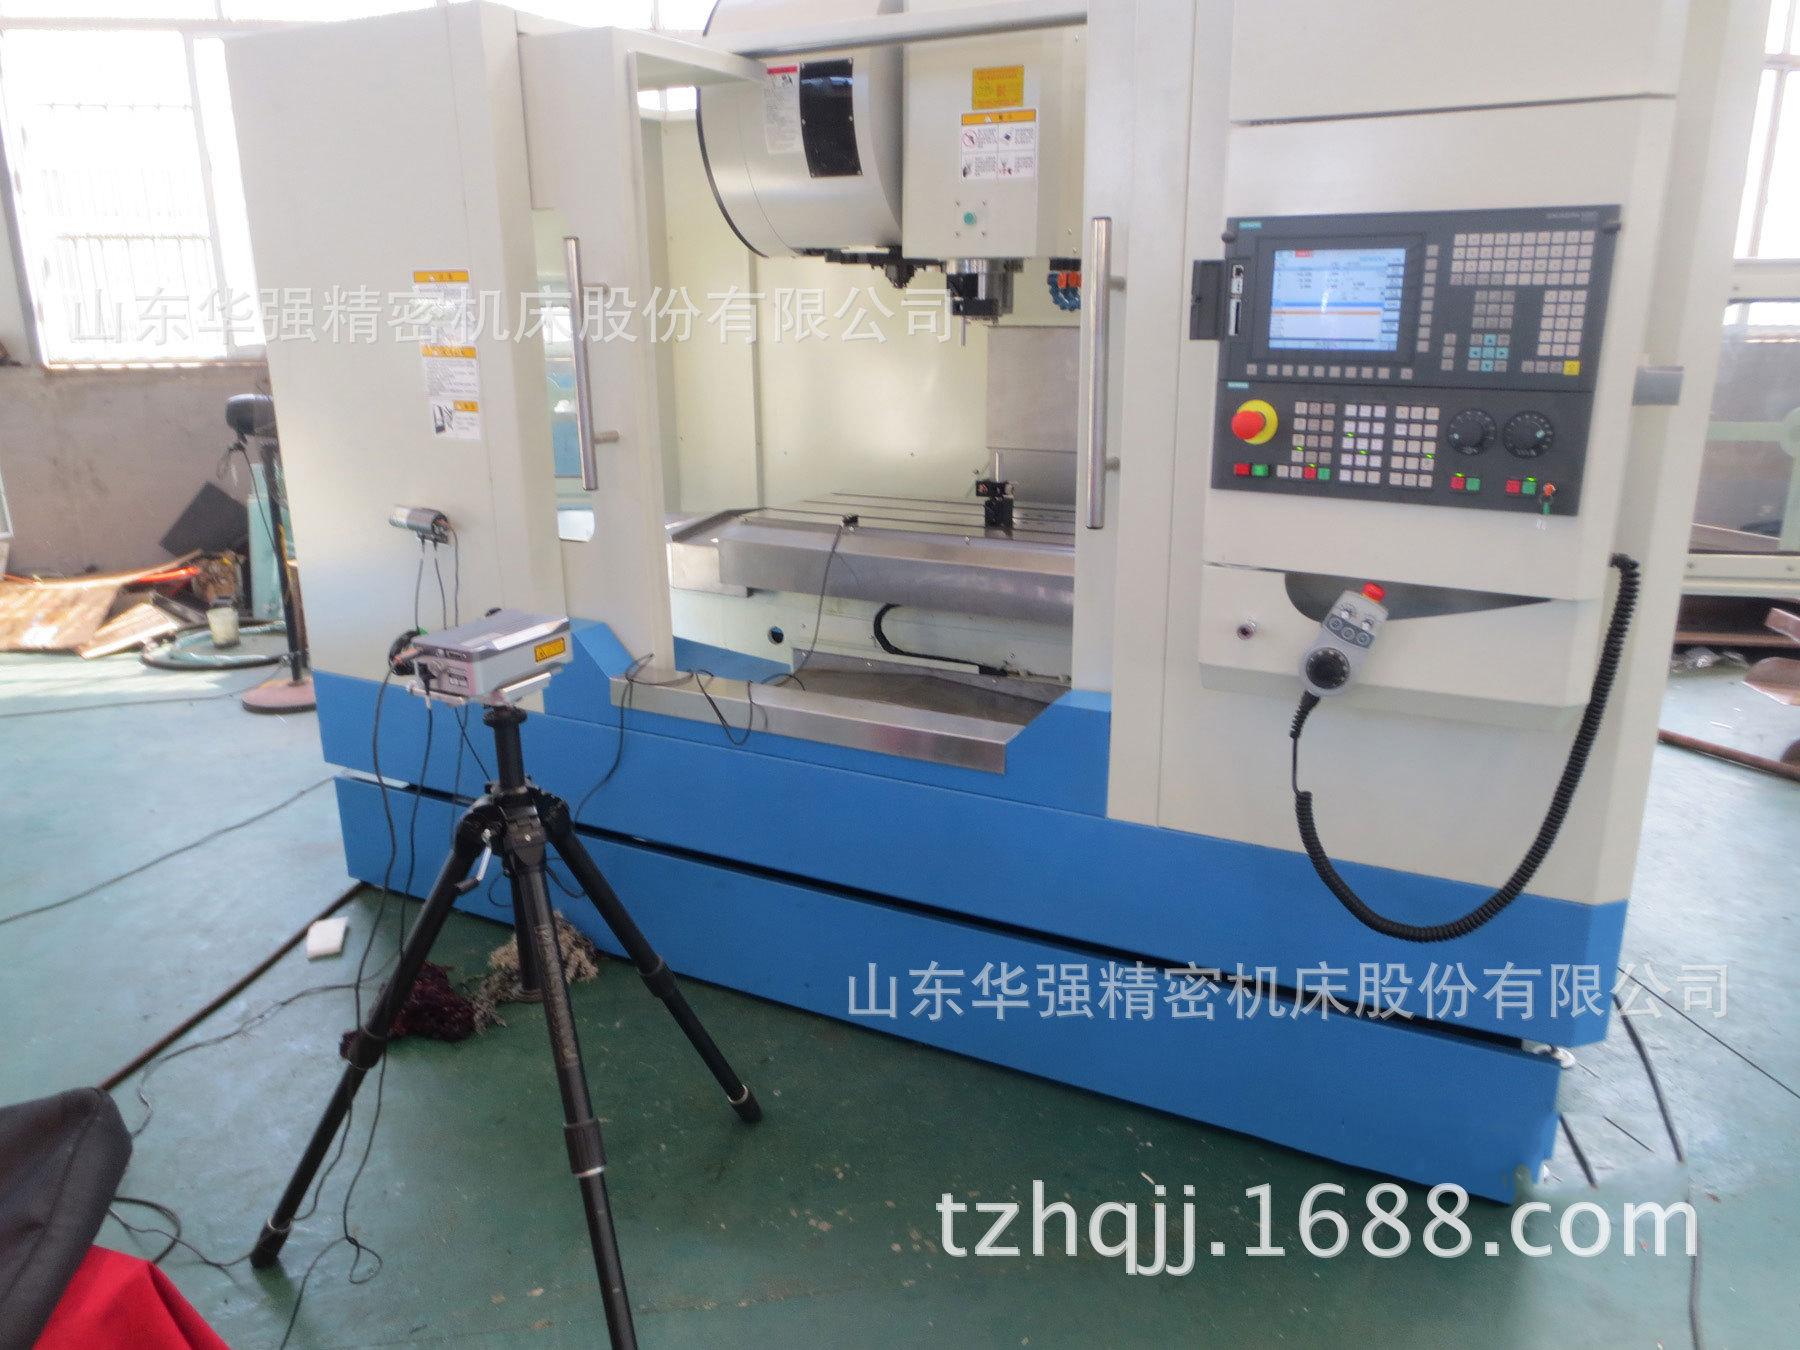 加工中心生产过程激光检测仪检测4